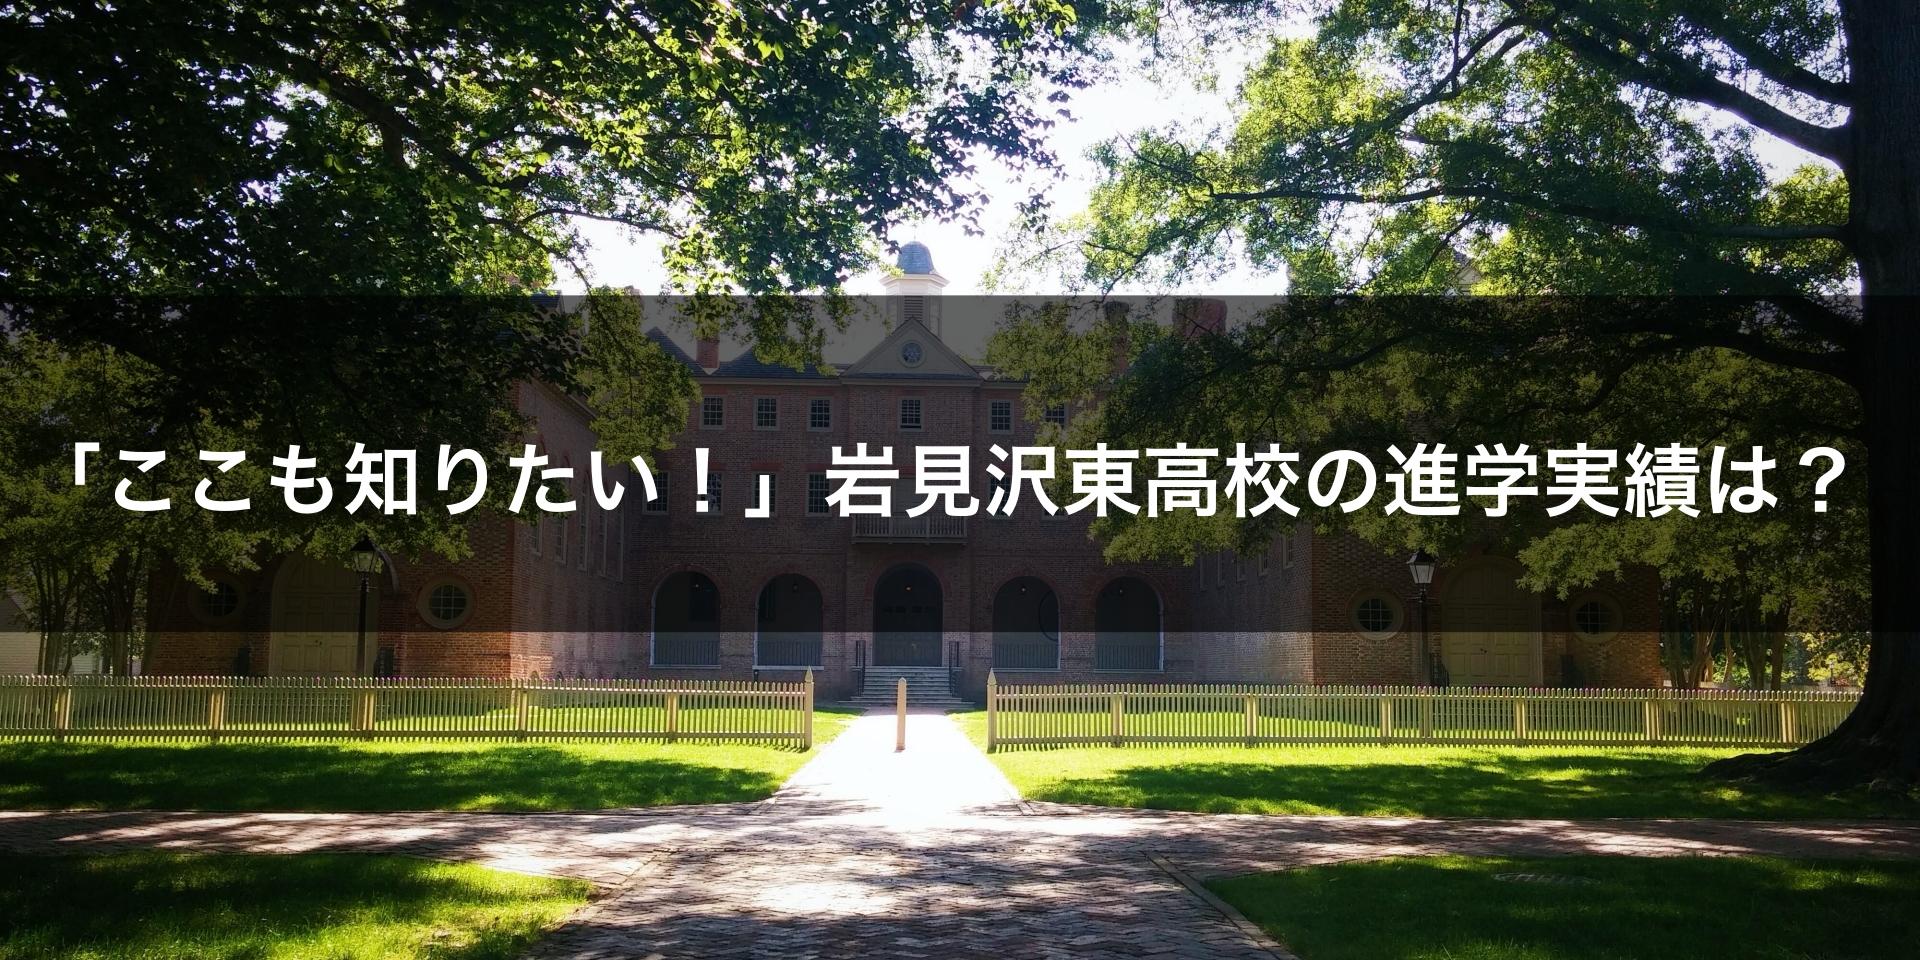 「ここも知りたい!」岩見沢東高校の進学実績は?